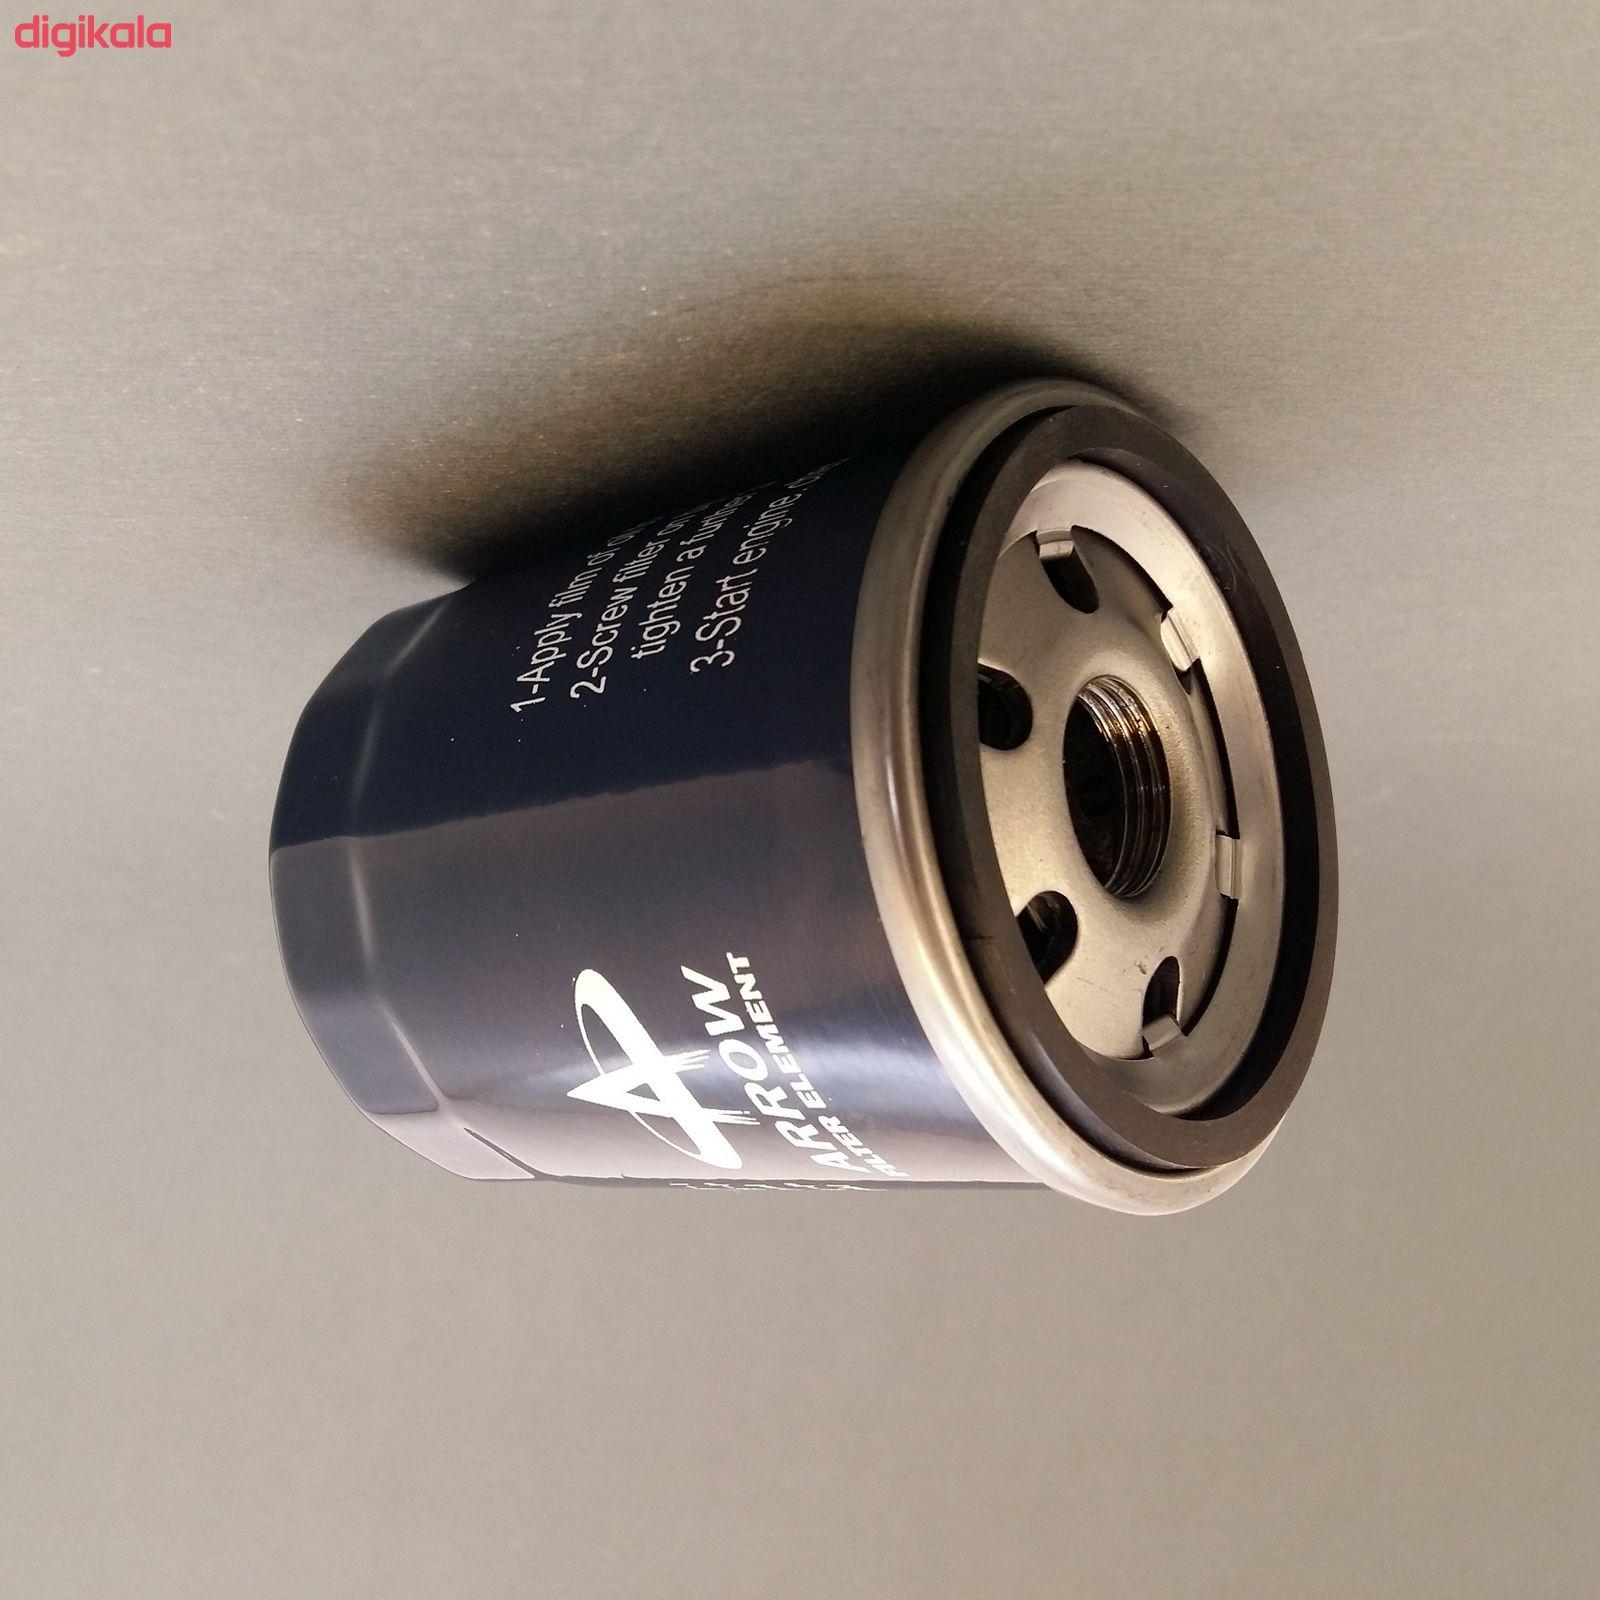 فیلنر روغن خودرو آرو مدل AF50755 مناسب برای نیسان ماکسیما به همراه فیلتر کابین و فیلتر هوا main 1 6